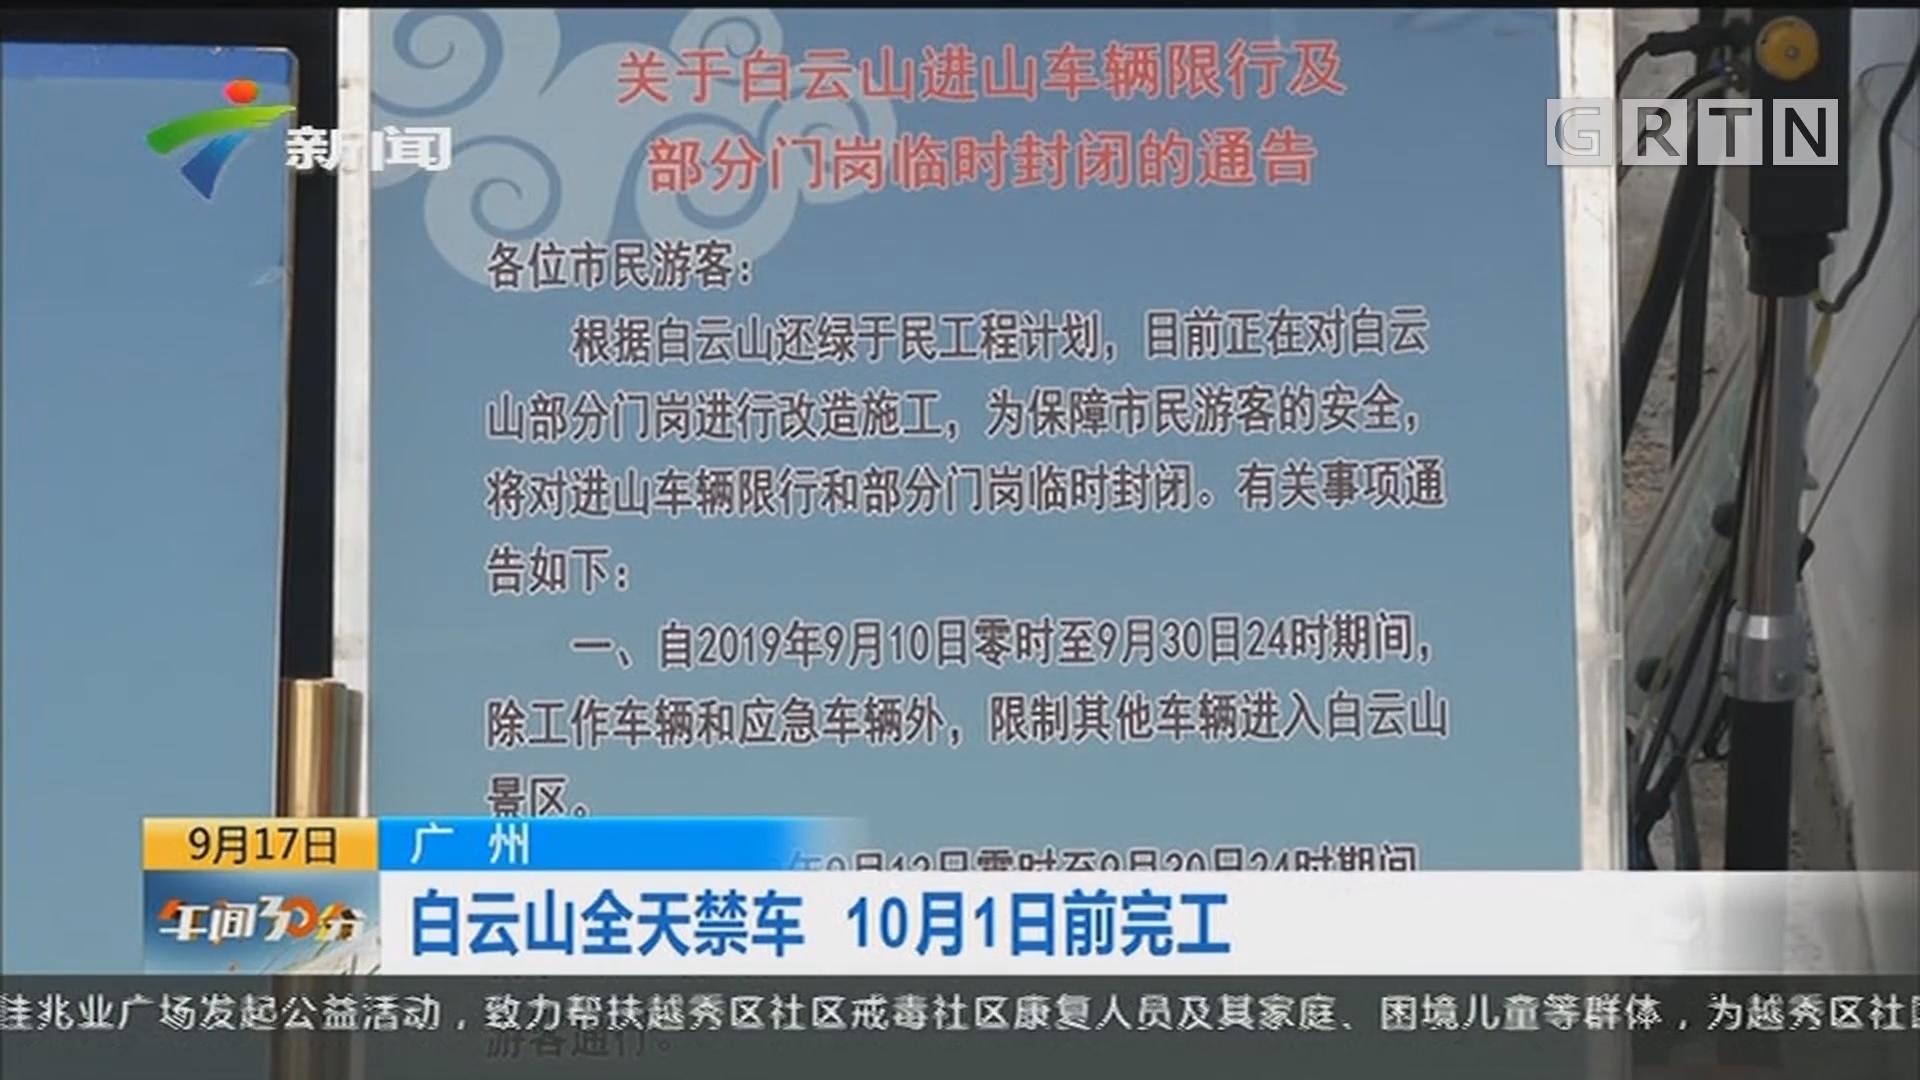 广州:白云山升级改造 部分门岗关闭施工